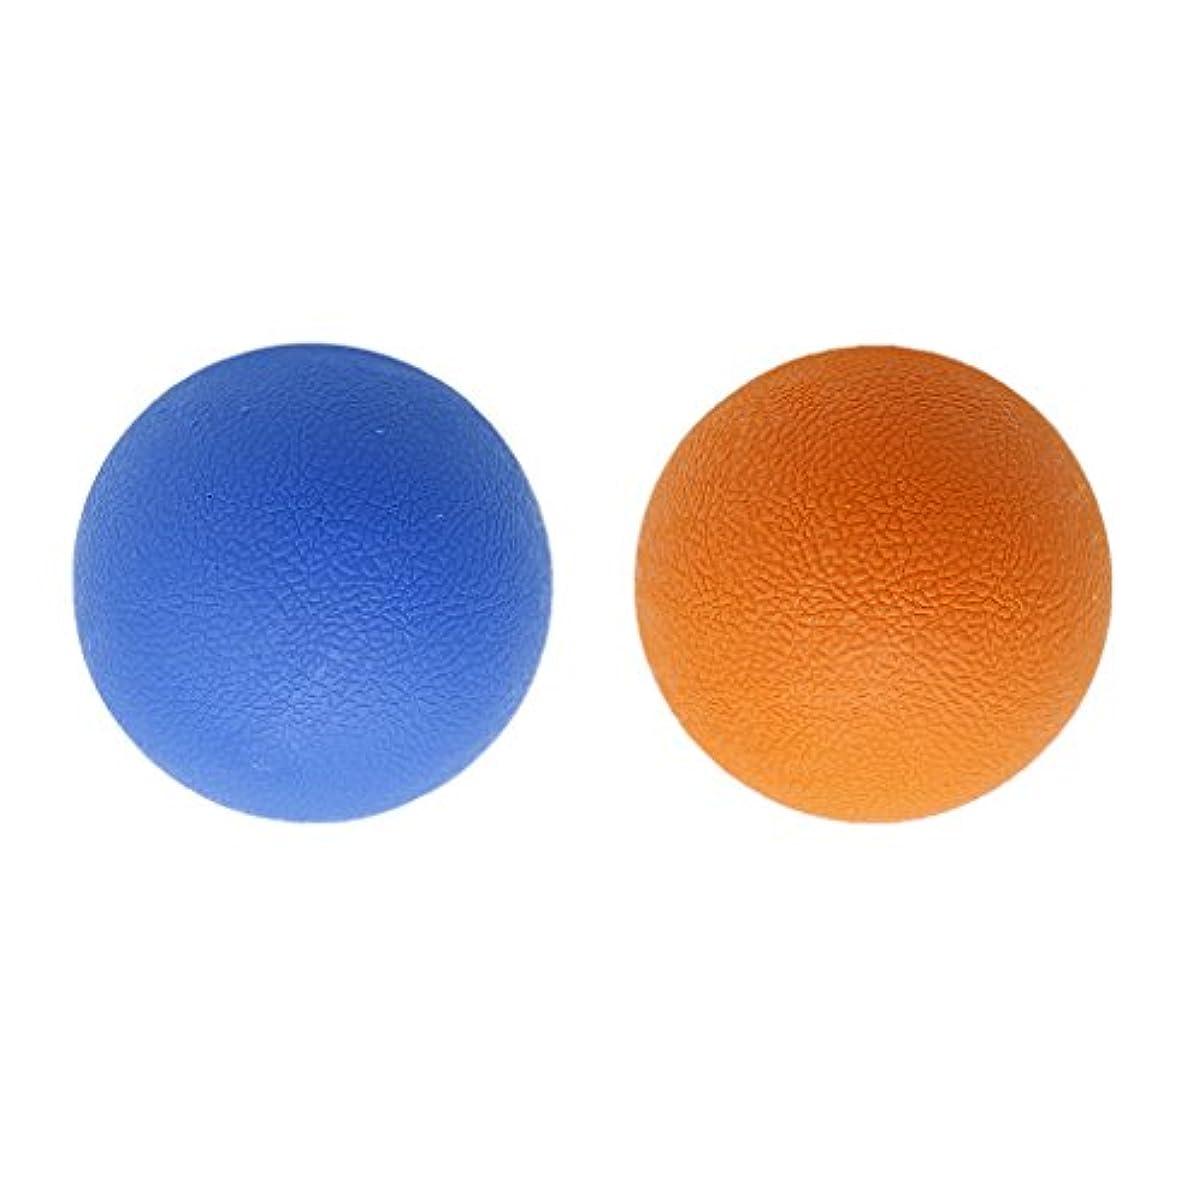 誤解するコーヒー芸術マッサージボール トリガーポイント ラクロスボール 弾性TPE ストレッチボール 多色選べる - オレンジブルー